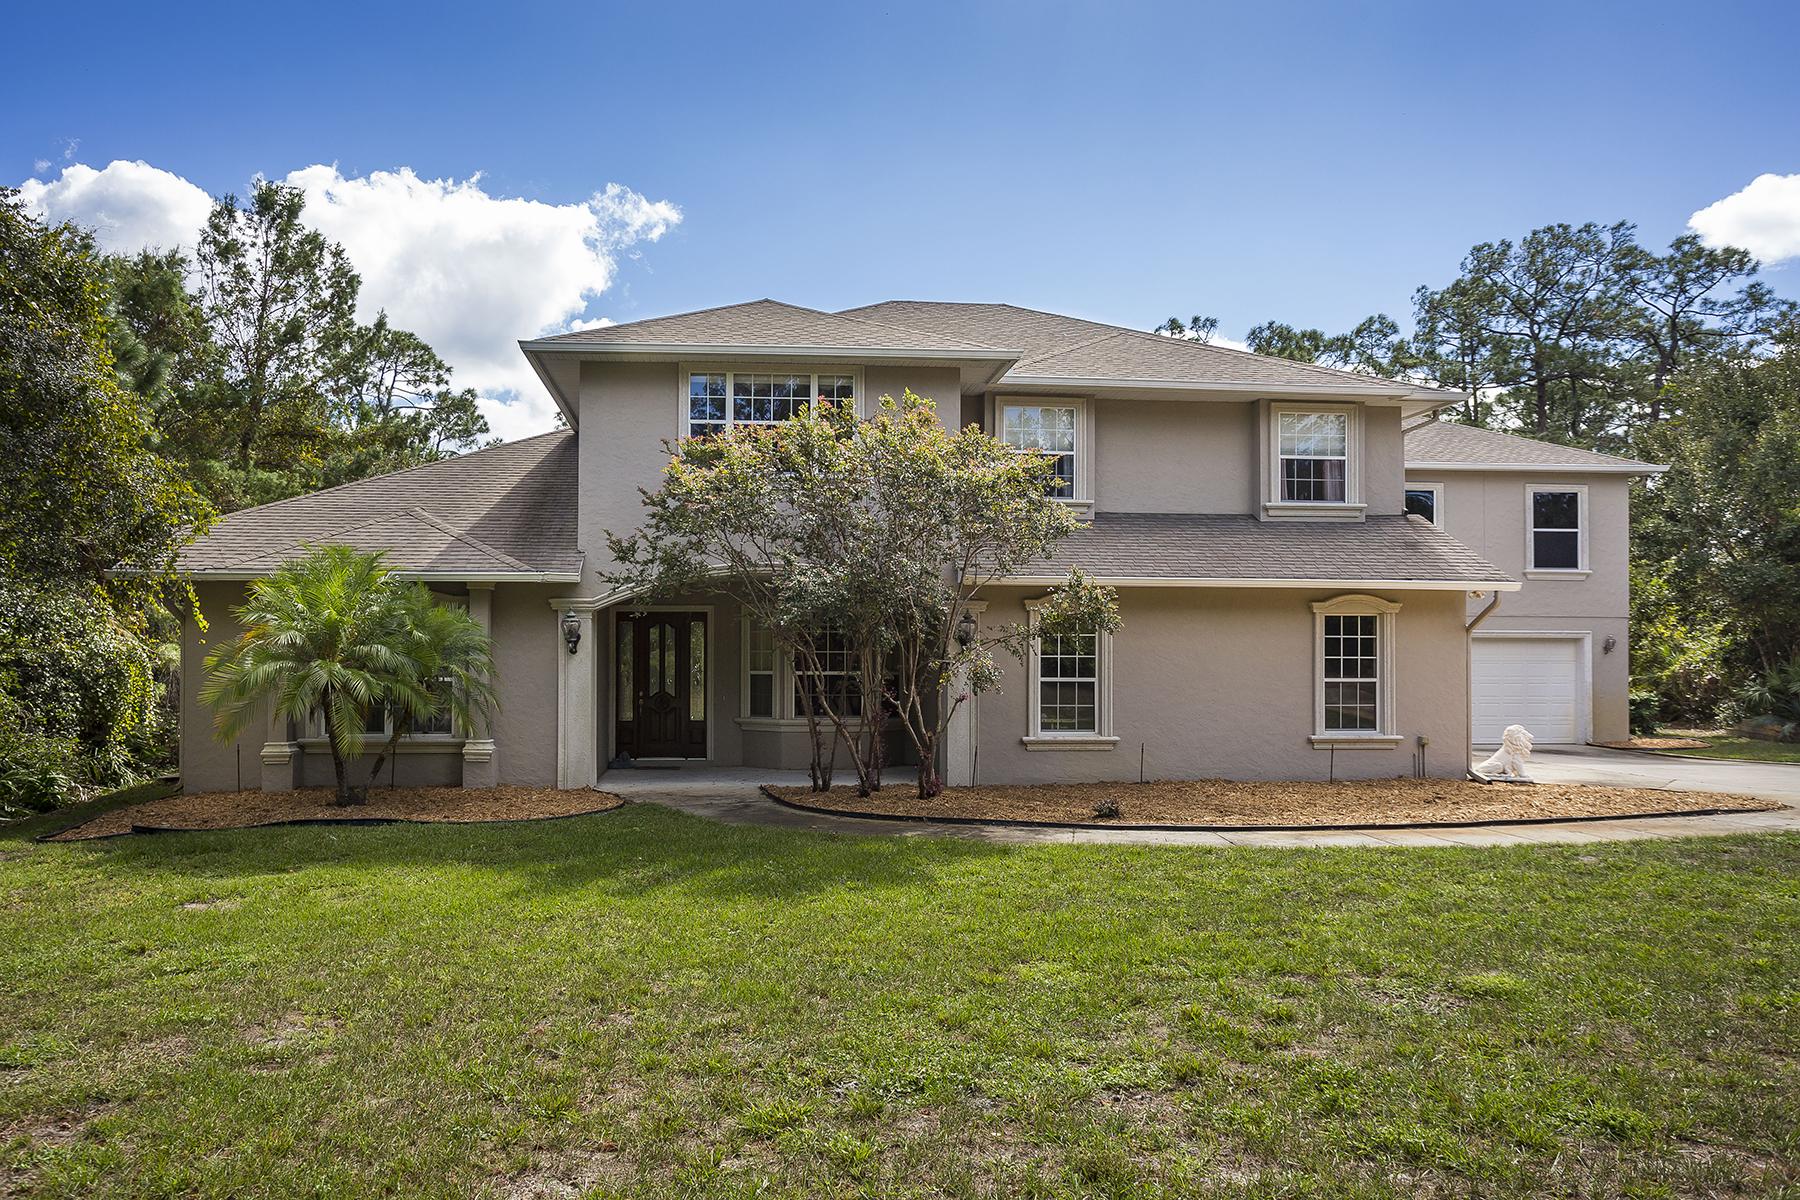 Maison unifamiliale pour l Vente à ORLANDO - GENEVA 1136 Apache Dr Geneva, Florida, 32732 États-Unis